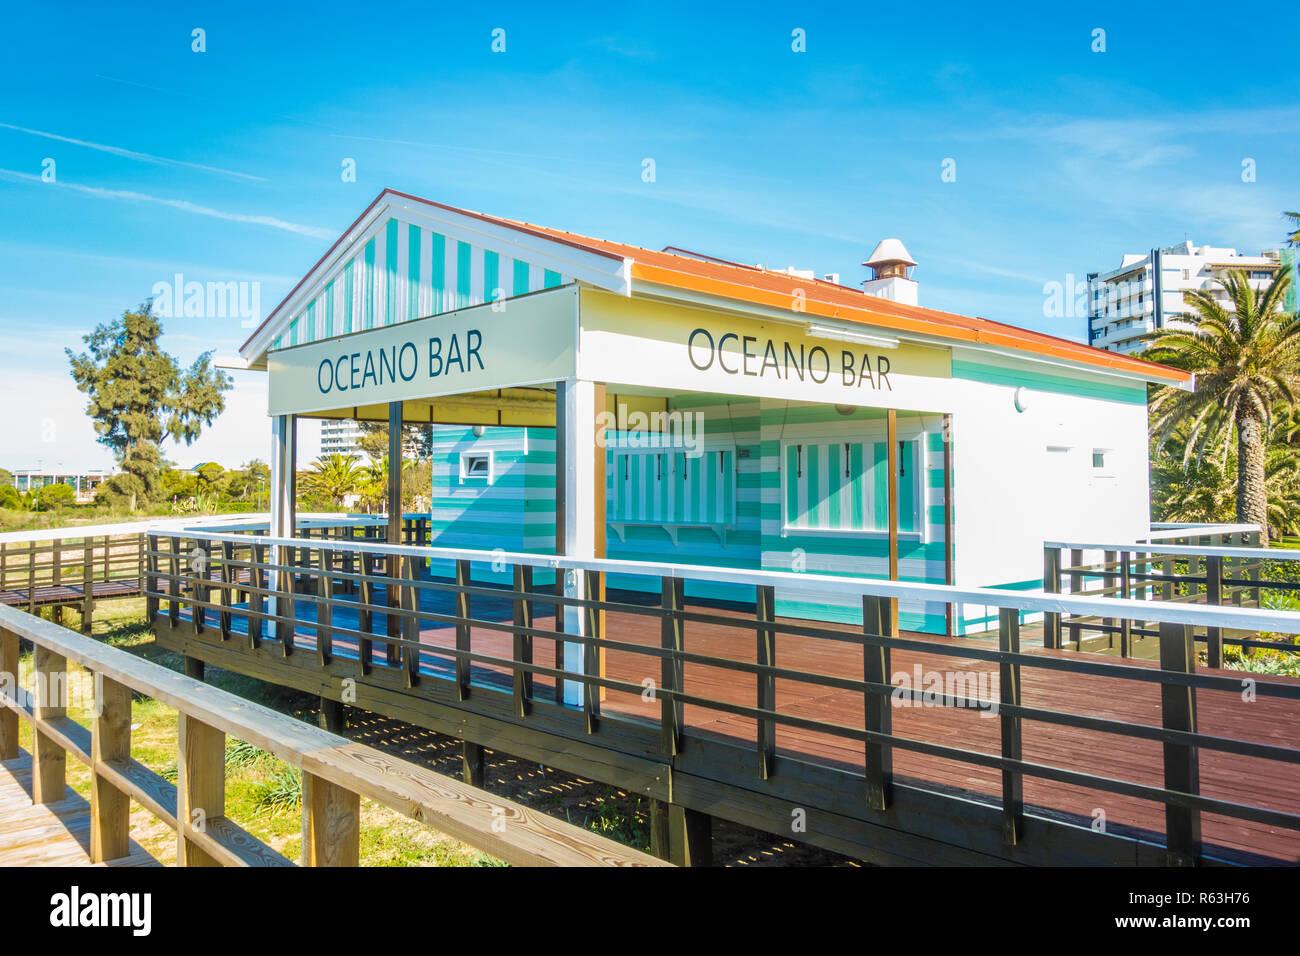 Il turchese a strisce bianche e il beach bar 'oceano bar' e passerella che conduce alla spiaggia Immagini Stock